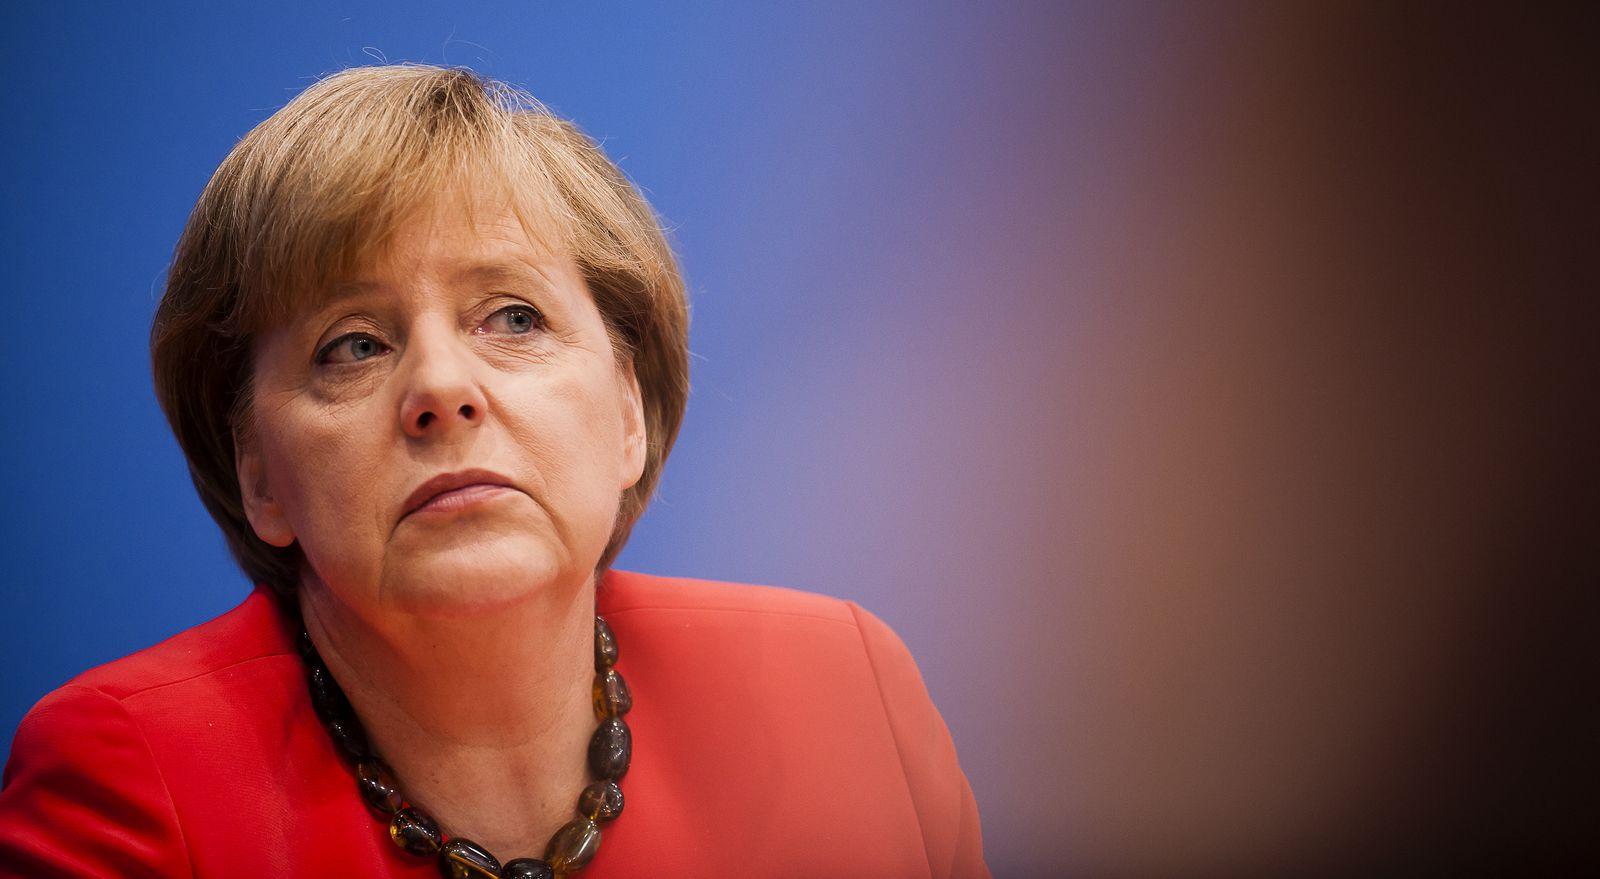 NICHT VERWENDEN Angela Merkel